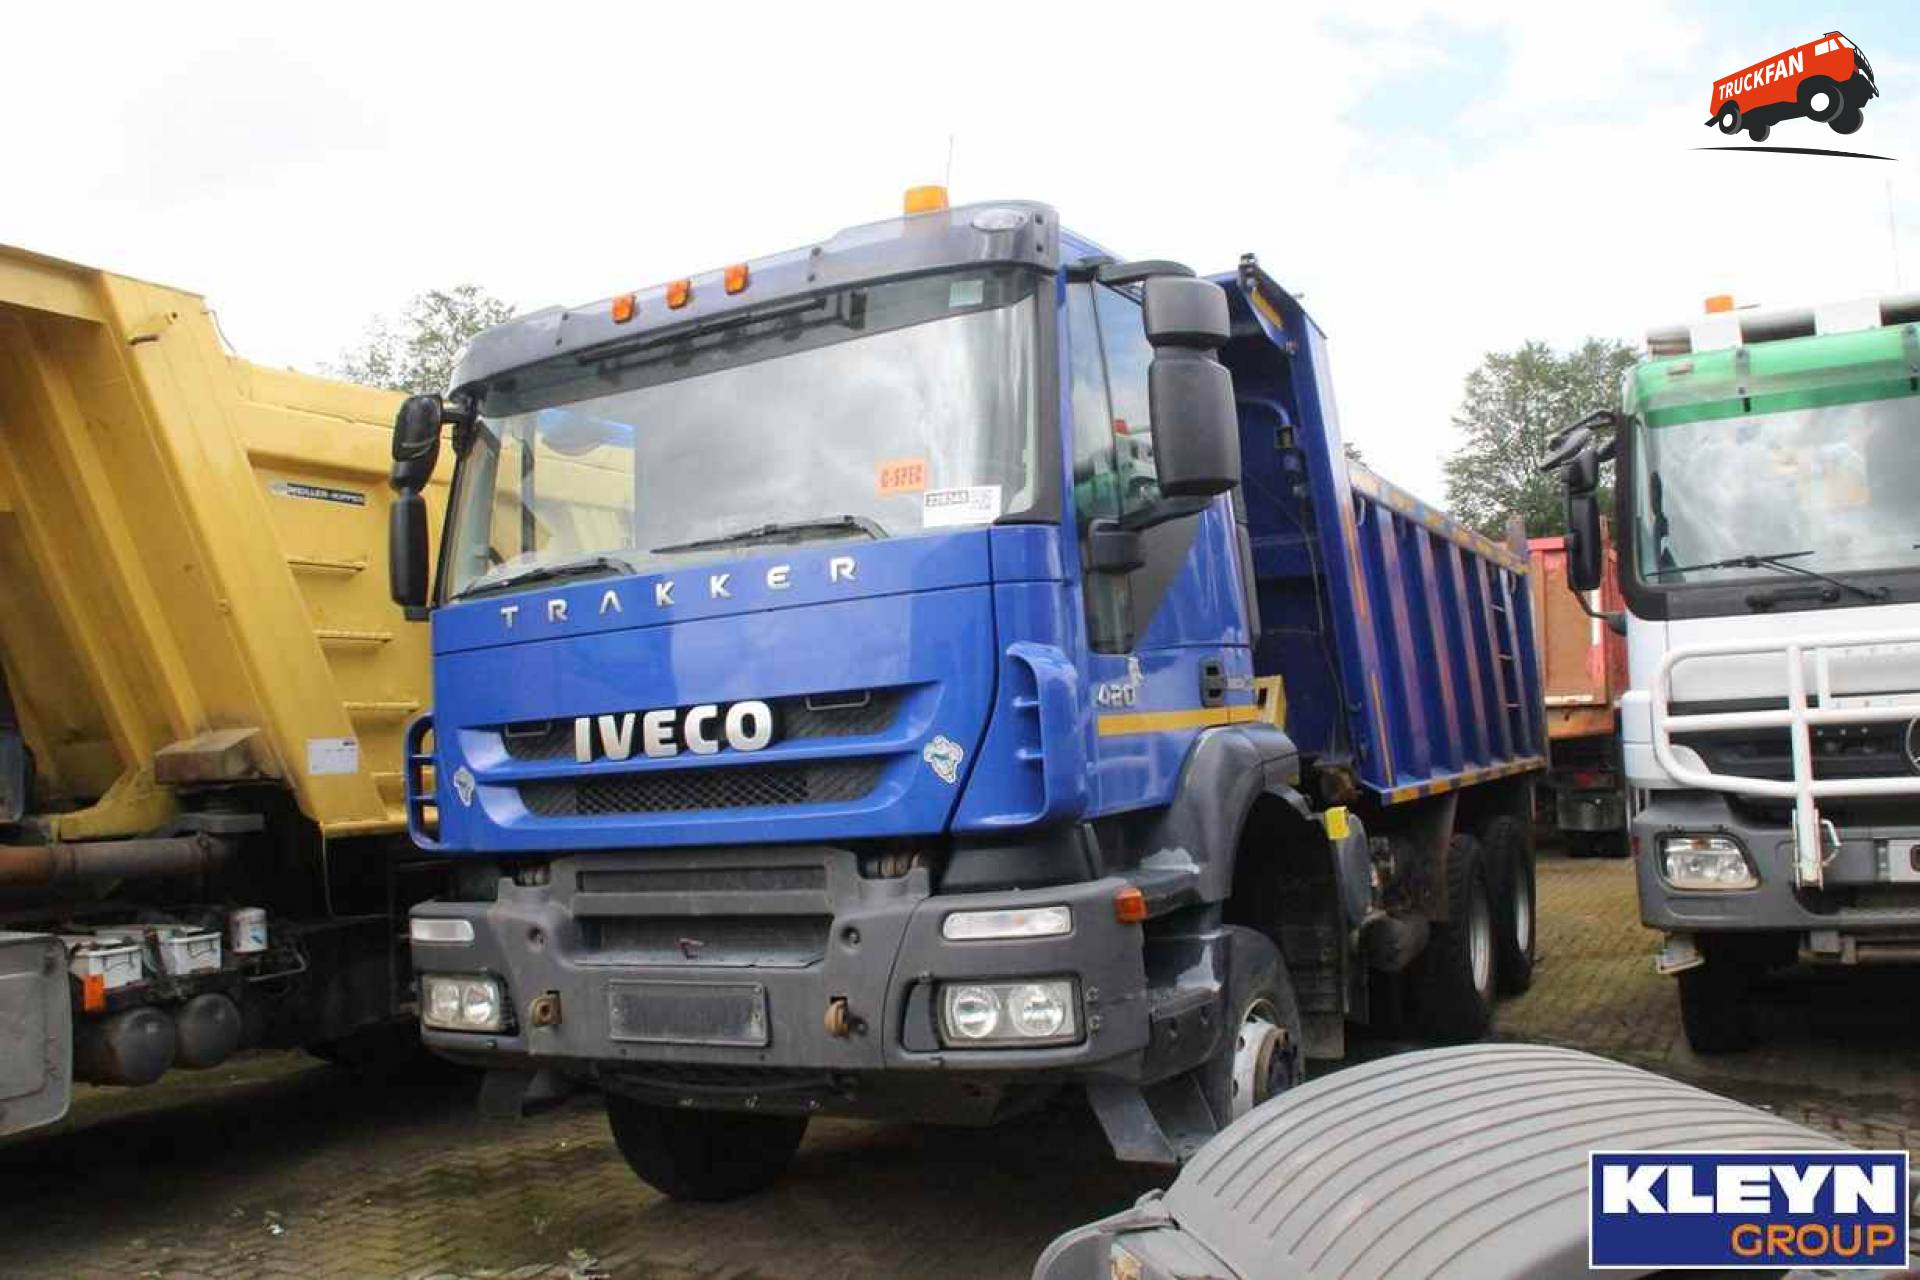 Iveco-AMT Trakker